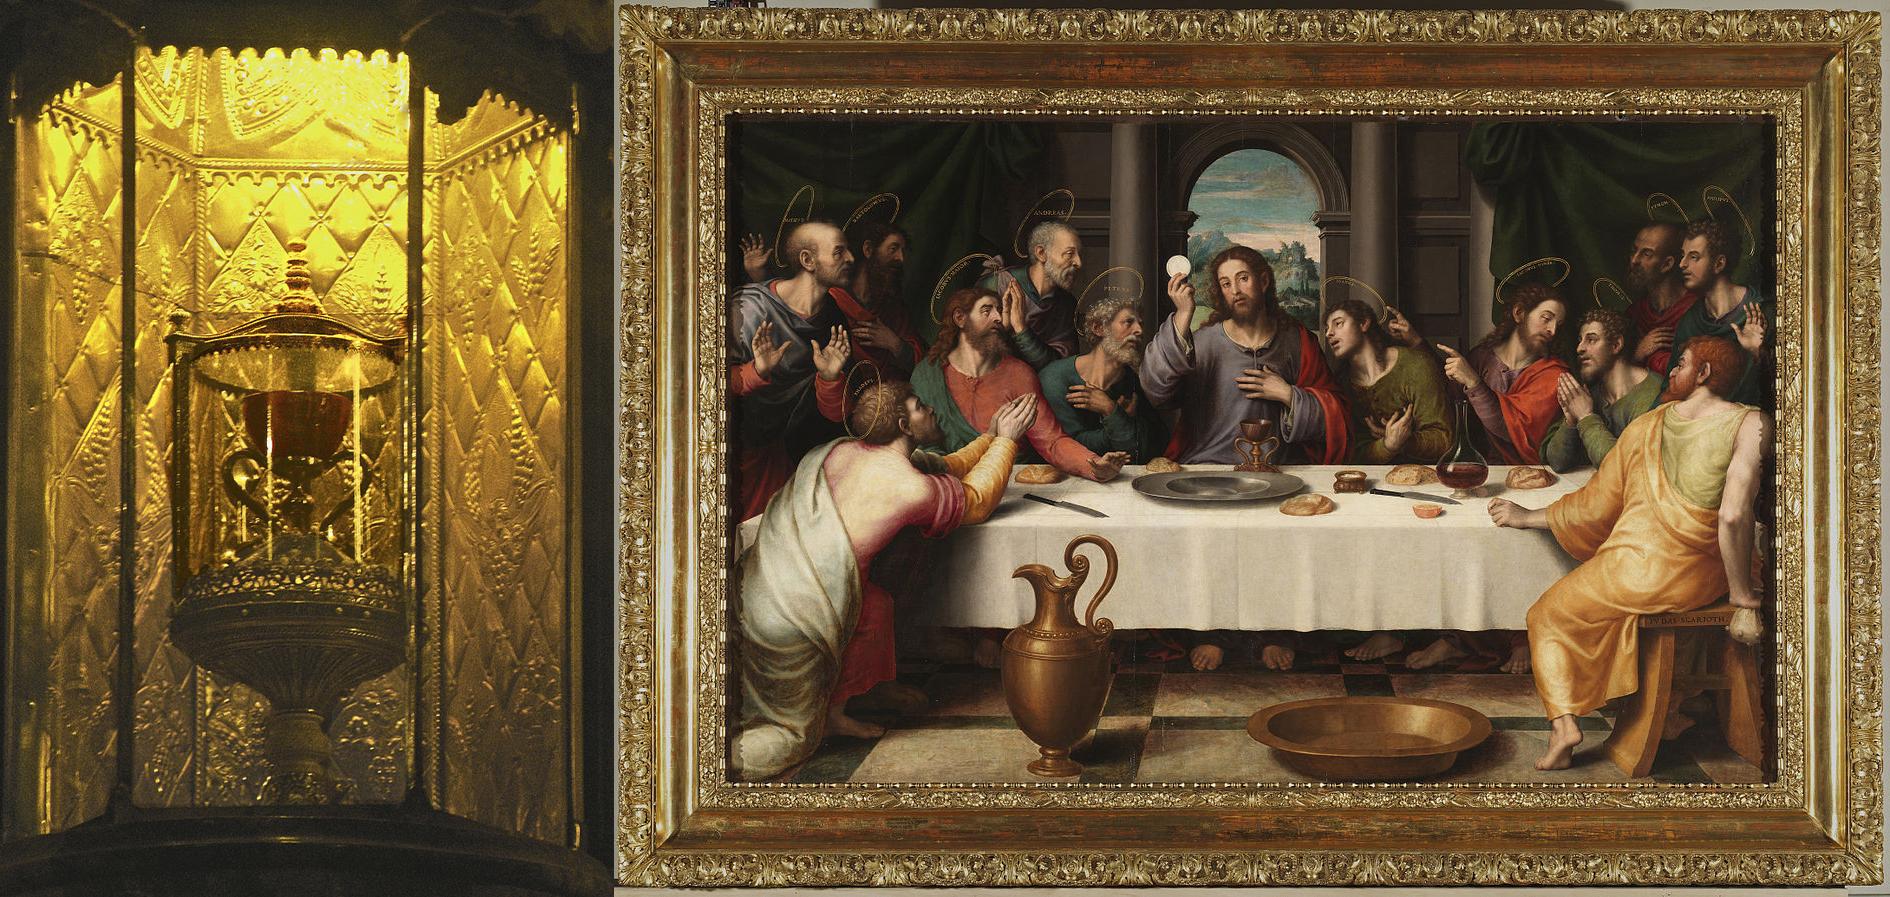 la-santa-cena-de-juan-de-juanes-1560-con-el-caliz-de-la-catedral-de-valencia-museo-del-prado-copia